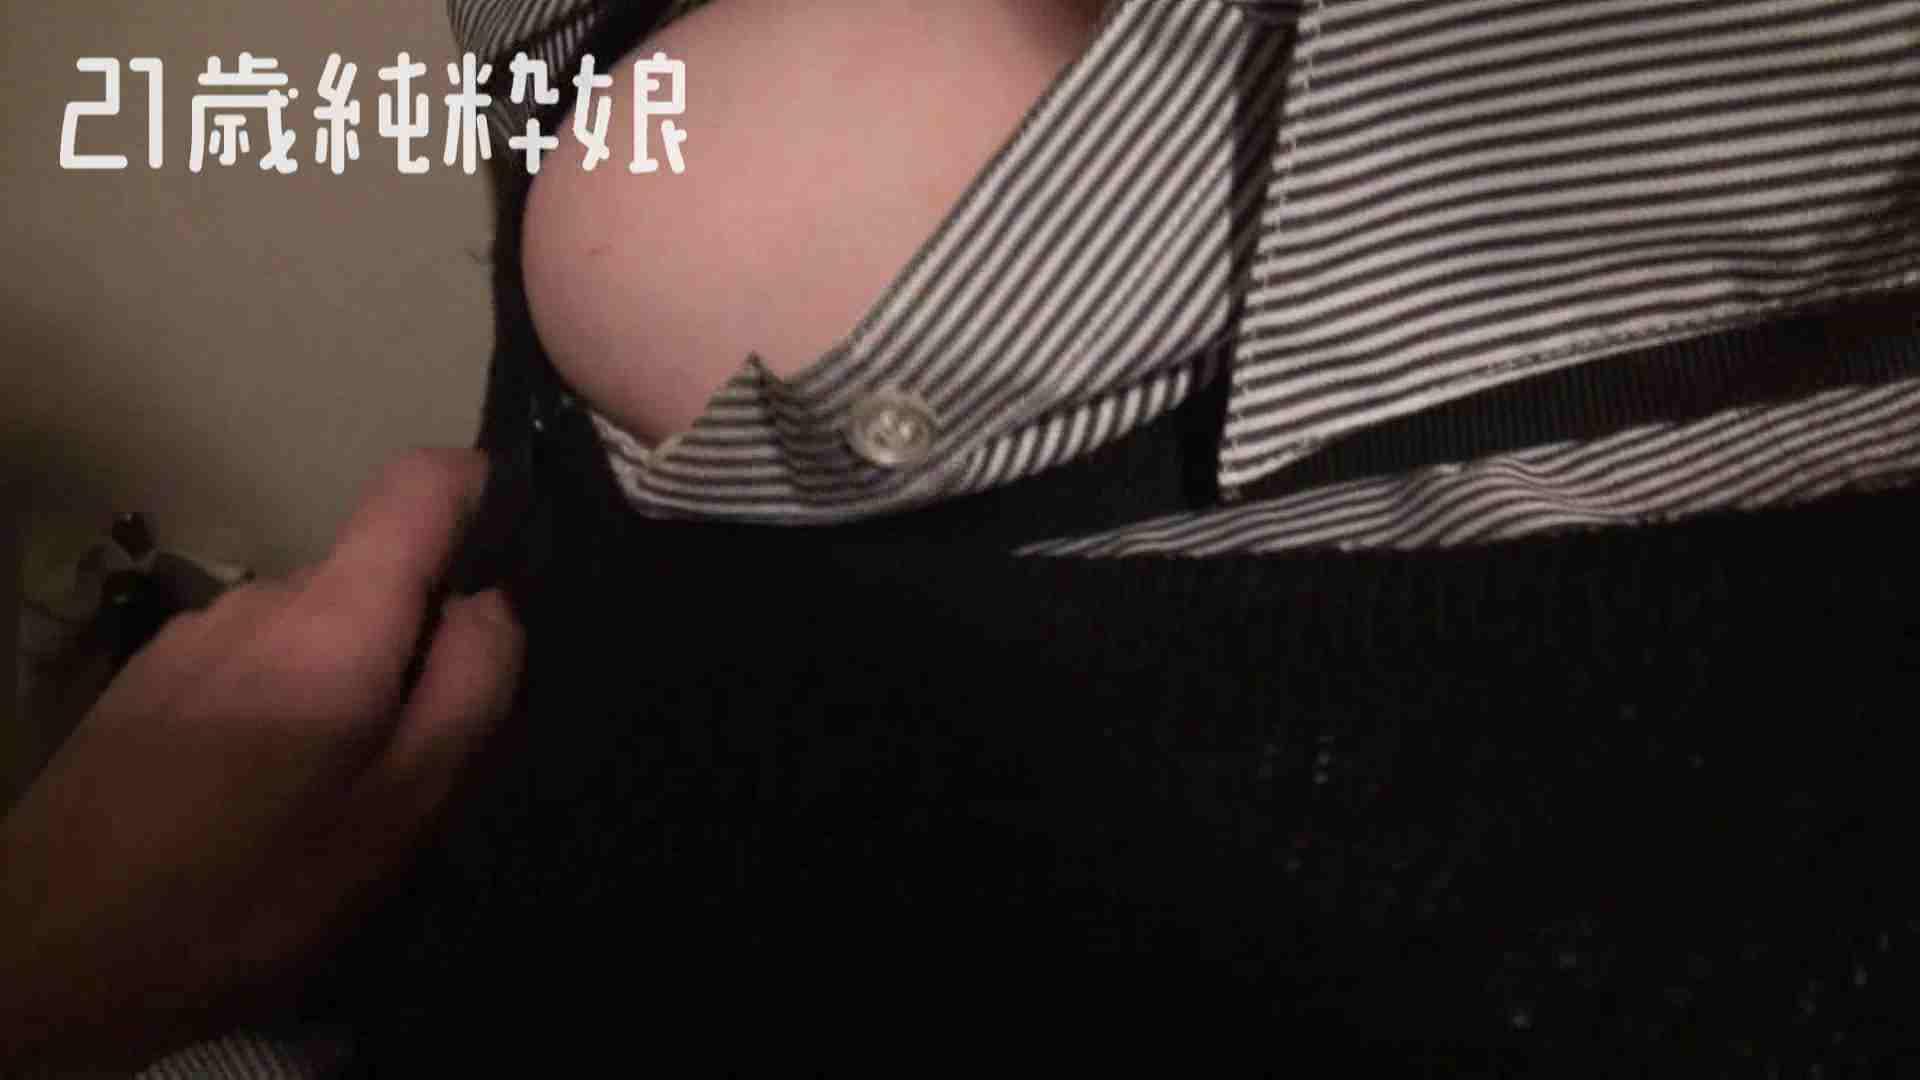 上京したばかりのGカップ21歳純粋嬢を都合の良い女にしてみた 出会い系 AV動画キャプチャ 13pic 3